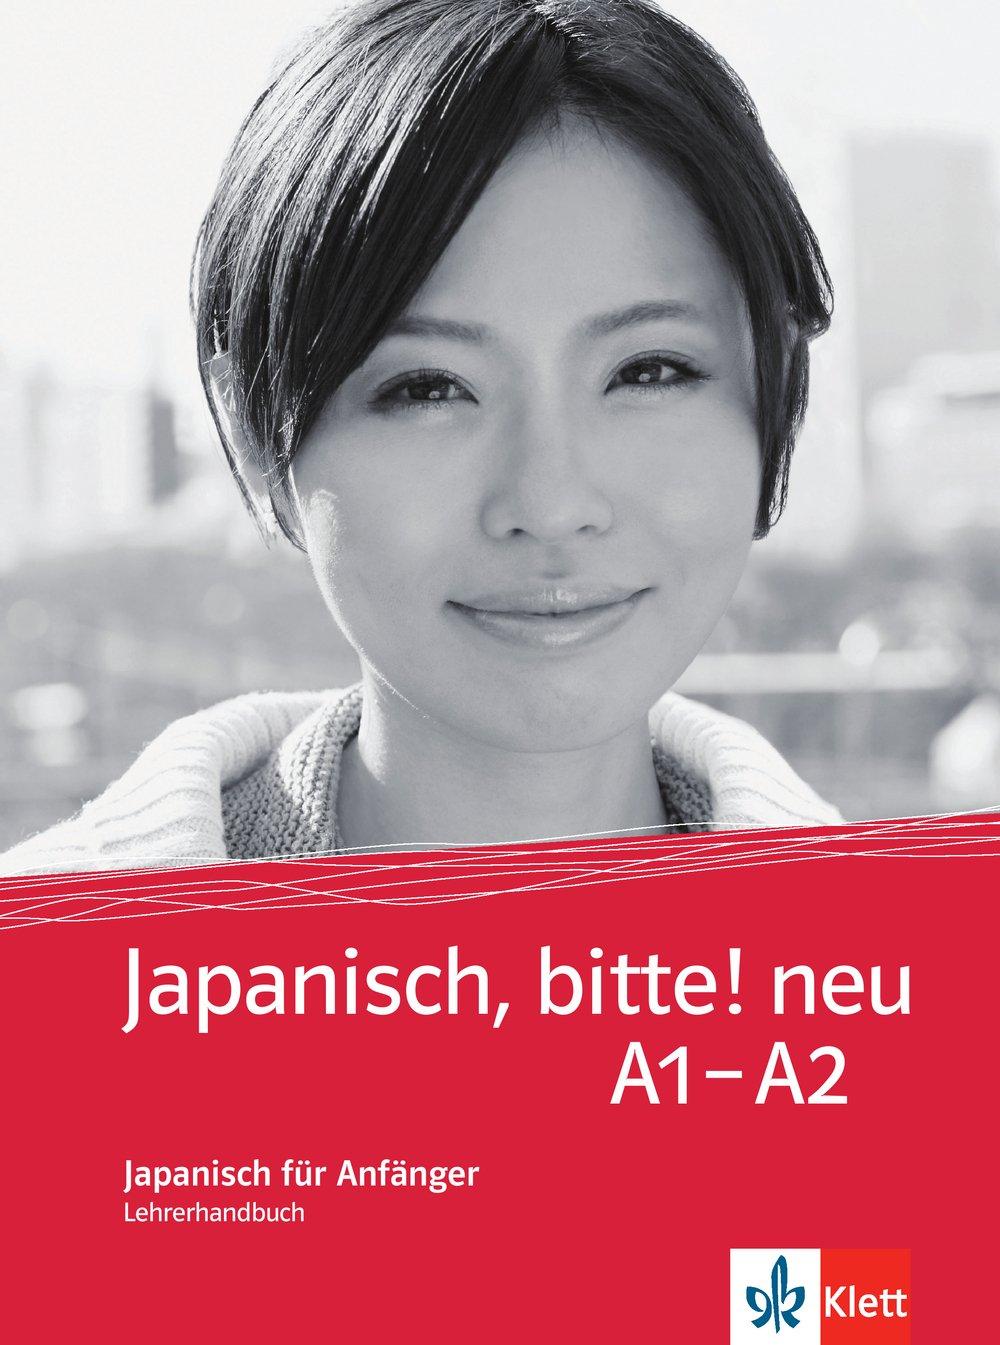 Japanisch, bitte! neu - Nihongo de dooso 1: Japanisch für Anfänger. Lehrerhandbuch (Japanisch, bitte! - Nihongo de dooso)